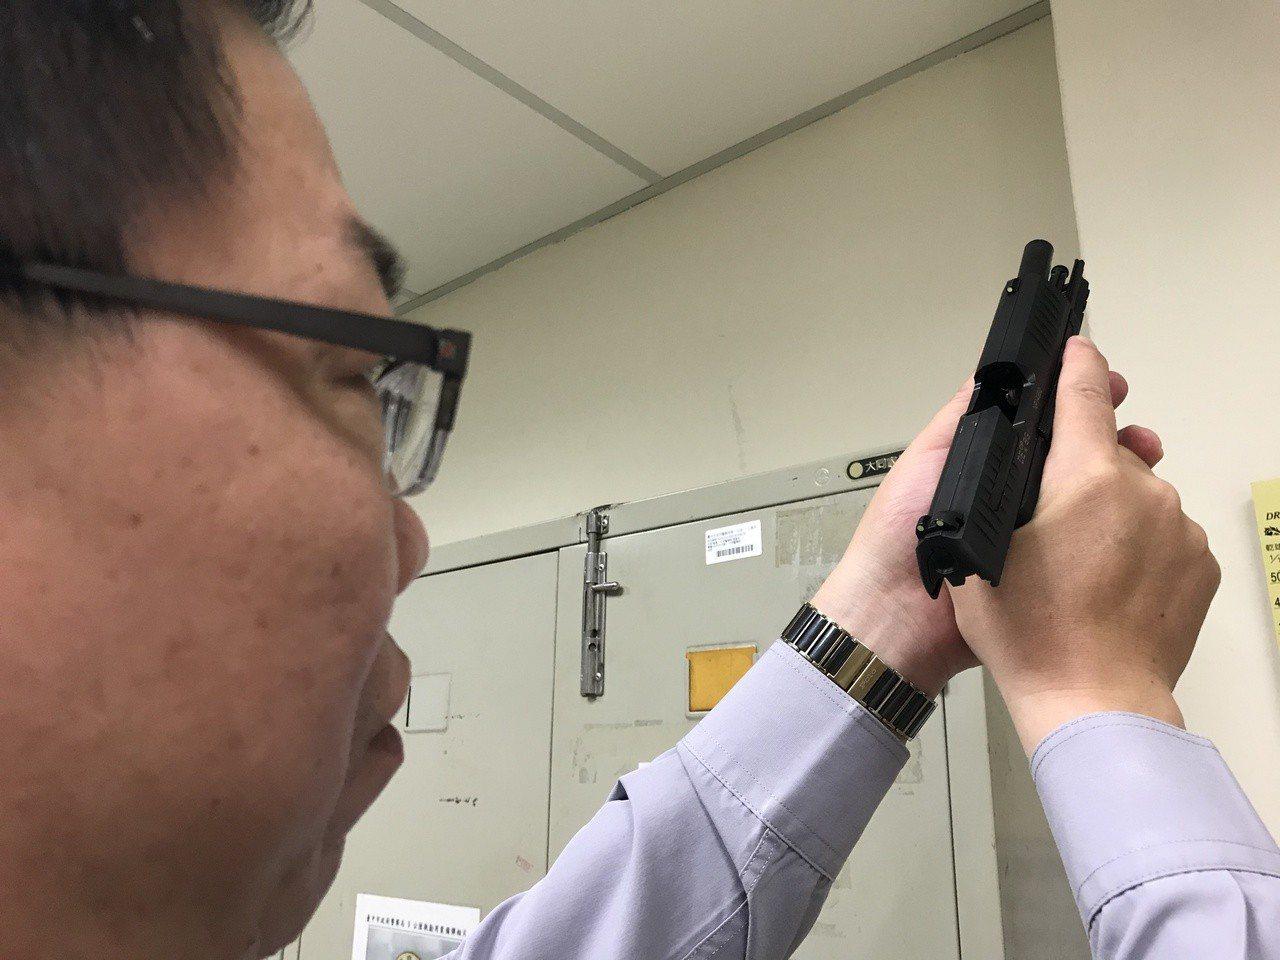 台中市警員林裕仁示範正確清槍動作,正上下檢視槍管與彈室有無子彈。記者林佩均/攝影